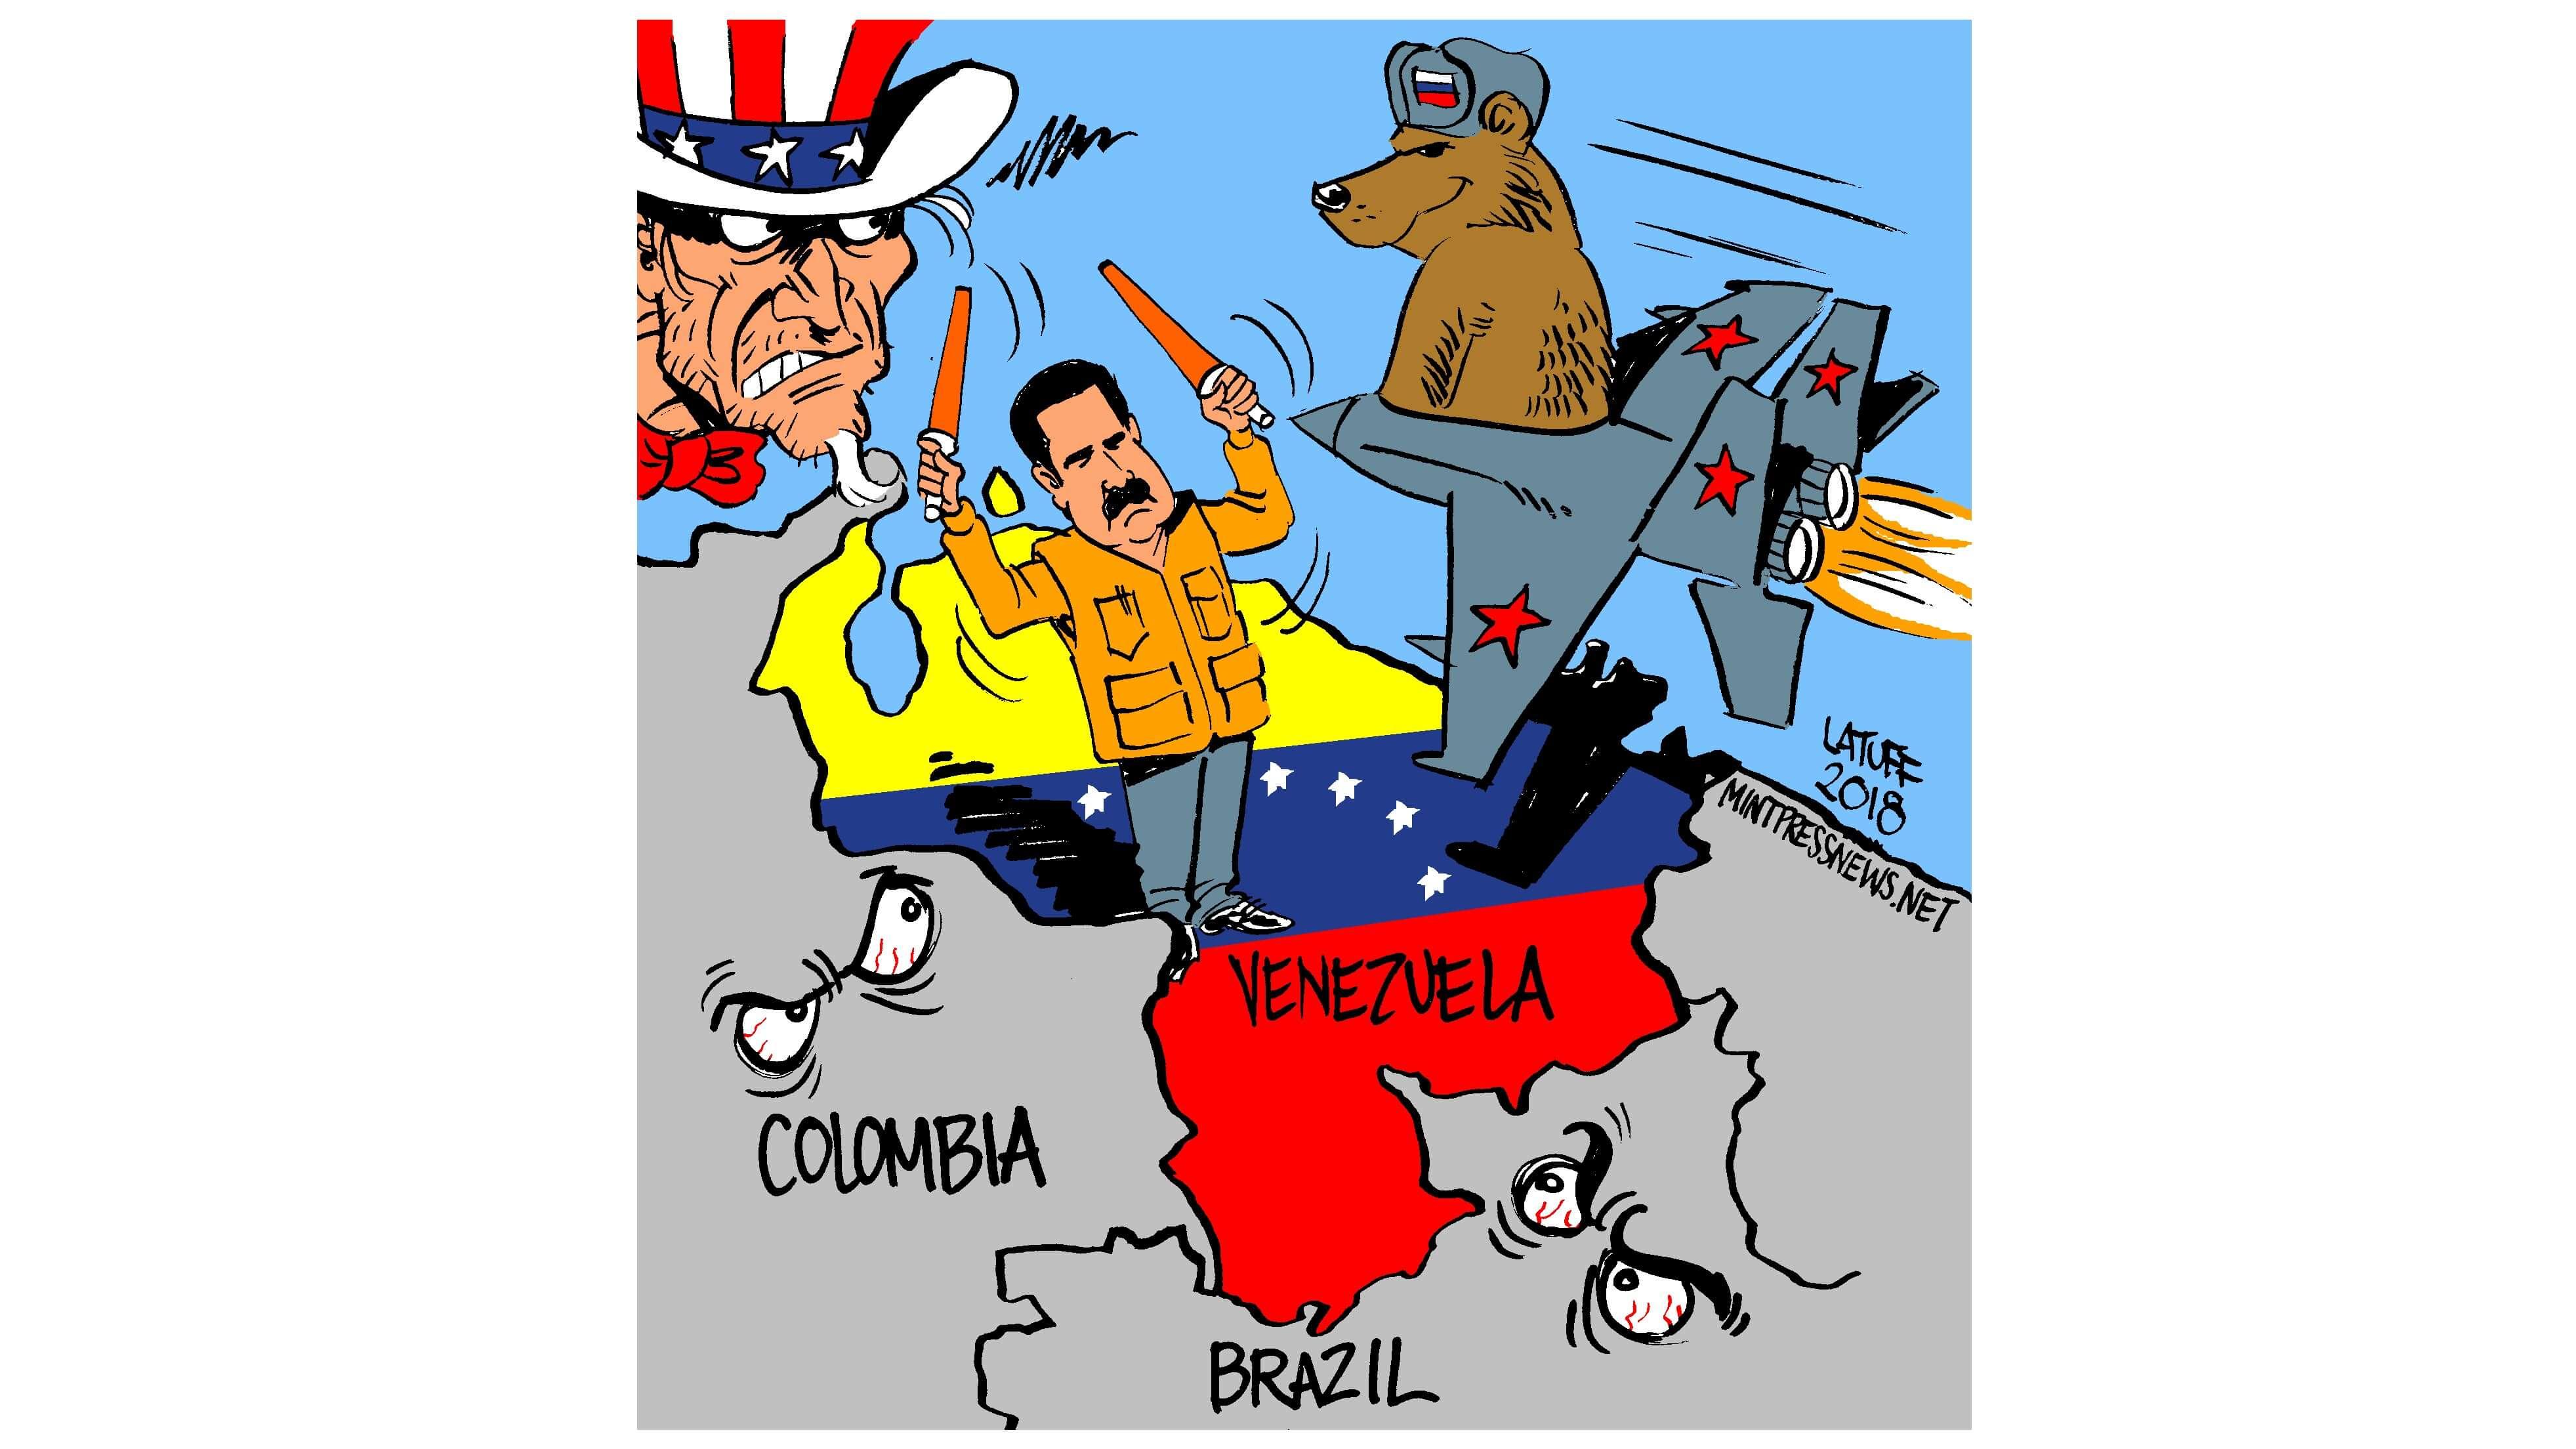 Russian combat planes arrive in Venezuela Cartoon by